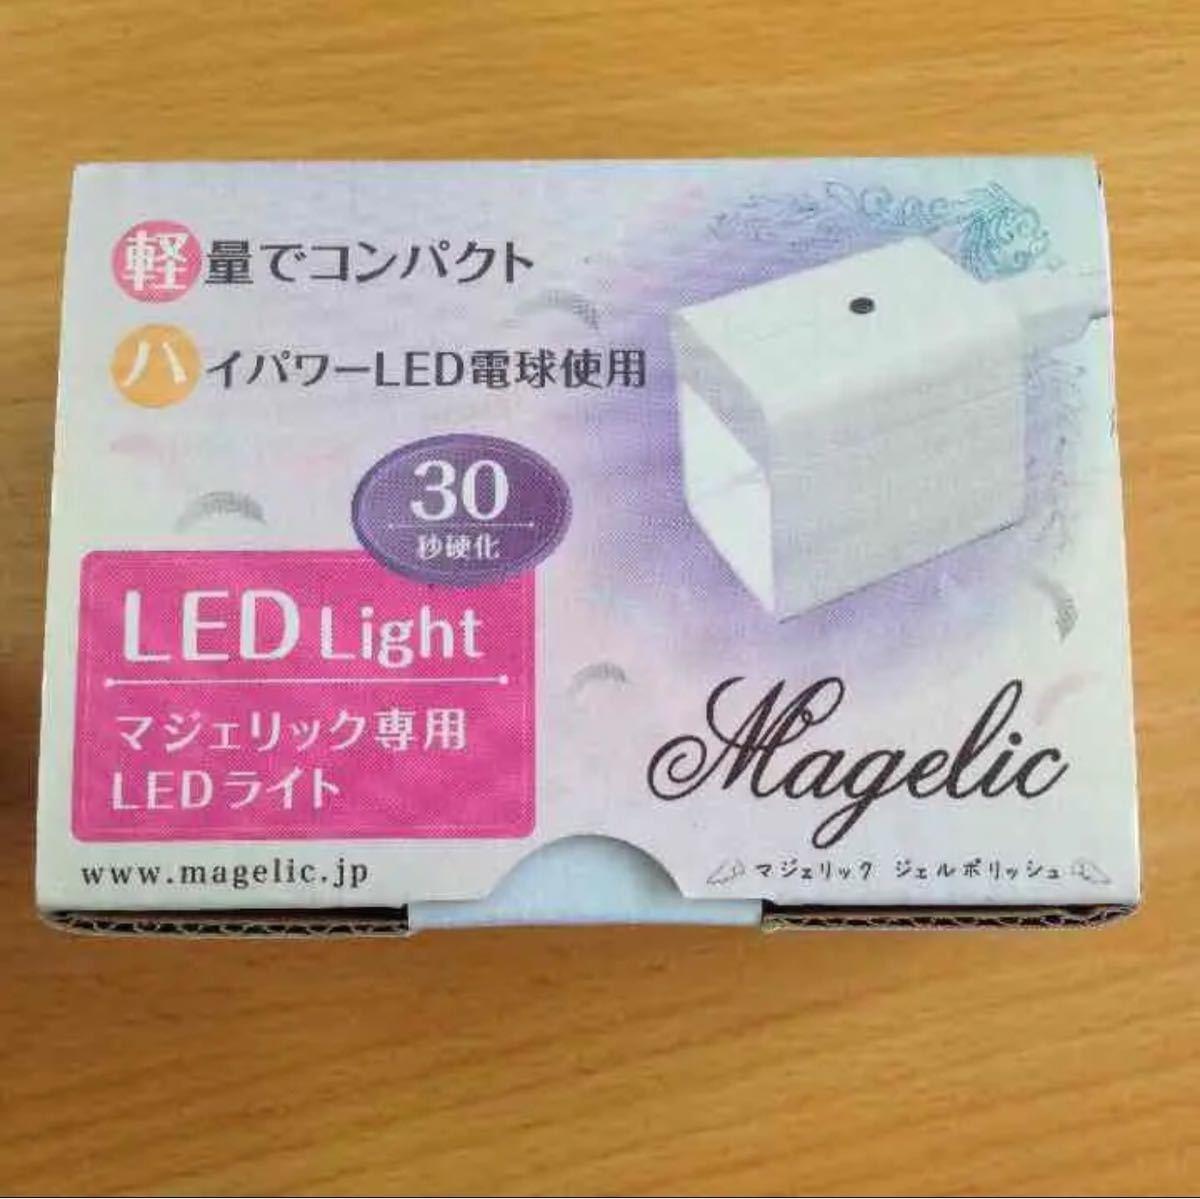 ジェルネイル対応 LEDライト